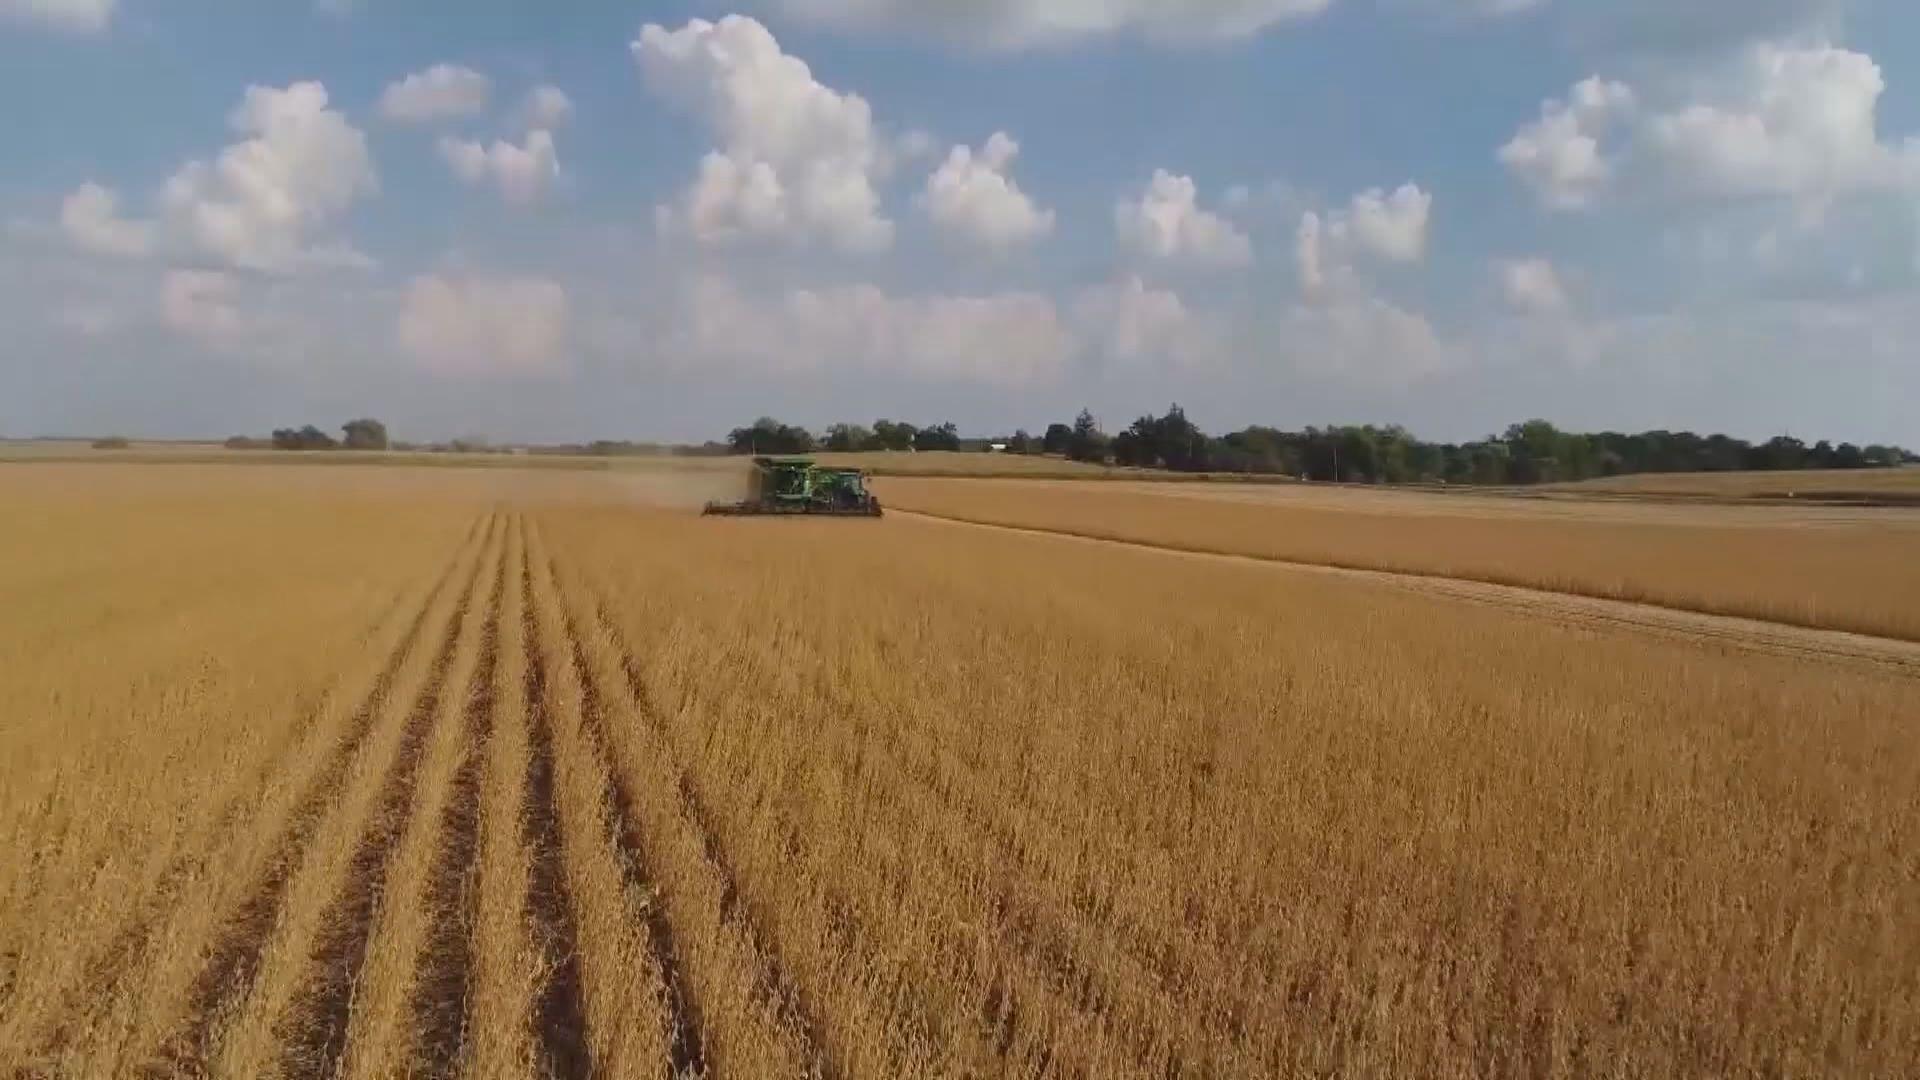 中美農產品爭議 世貿判美國勝訴